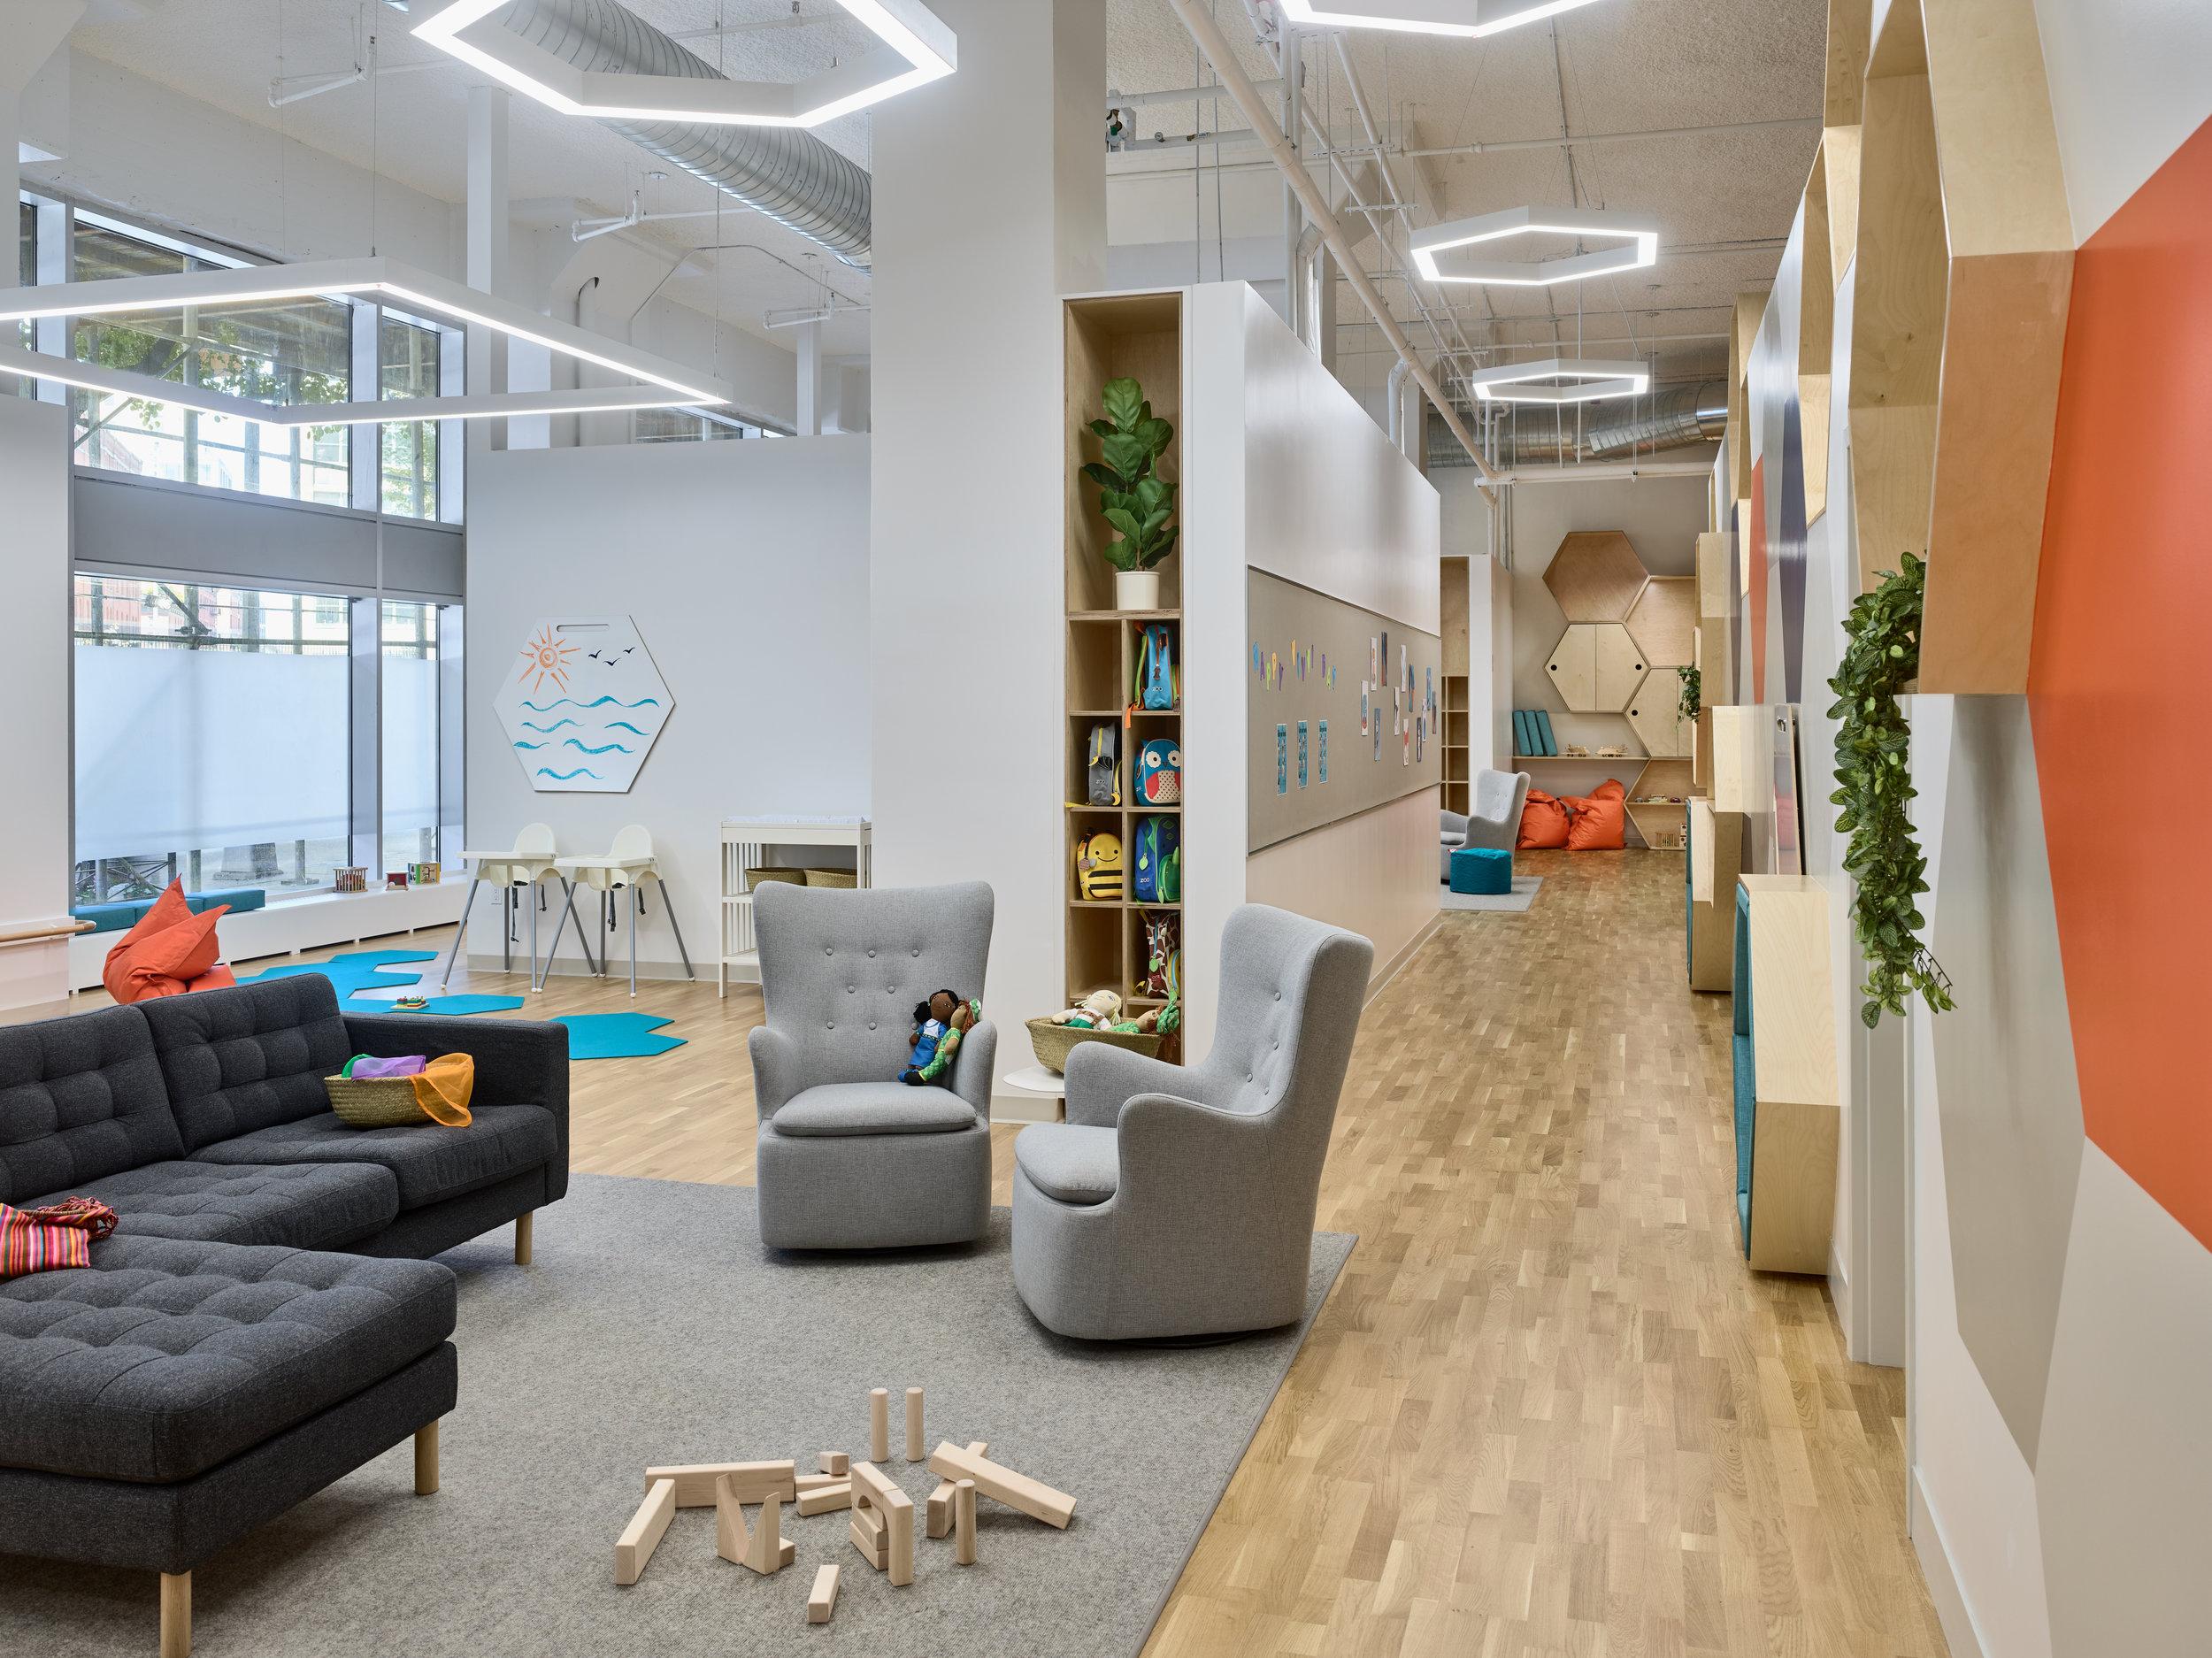 Vivvi - Classroom & Corridor